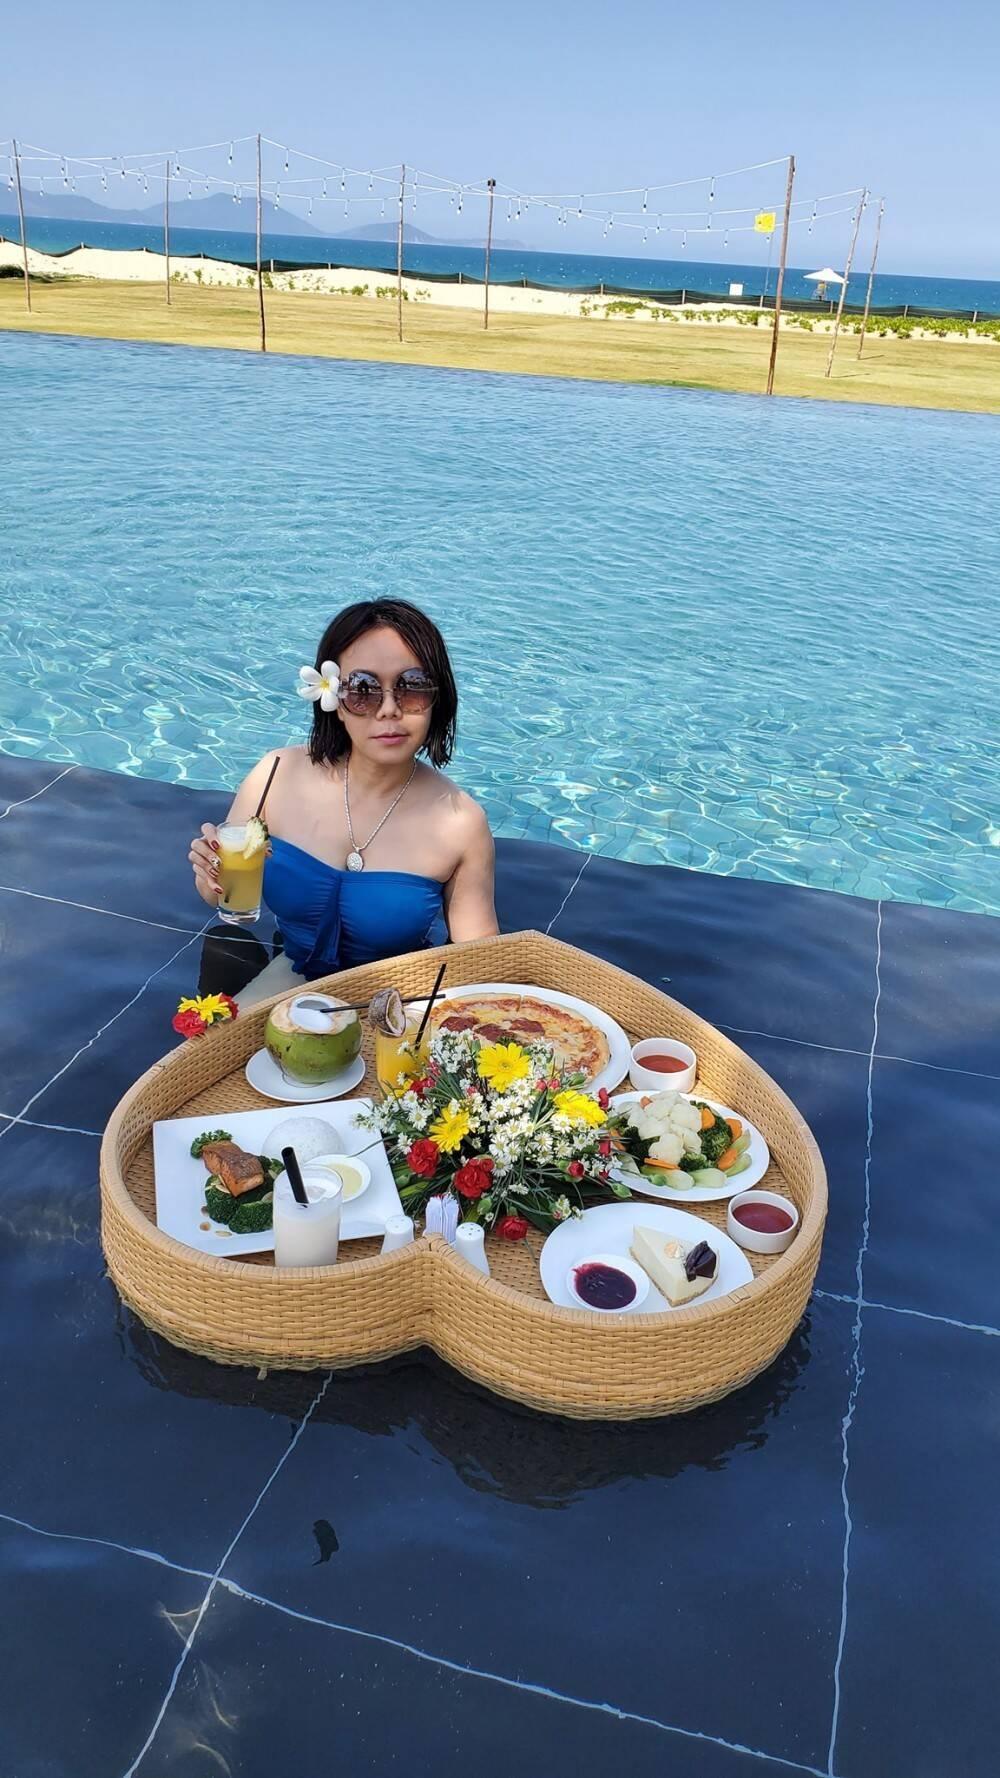 Lần hiếm hoi nghệ sĩ Việt Hương diện áo cúp ngực gợi cảm đi du lịch cùng ông xã Ảnh 2